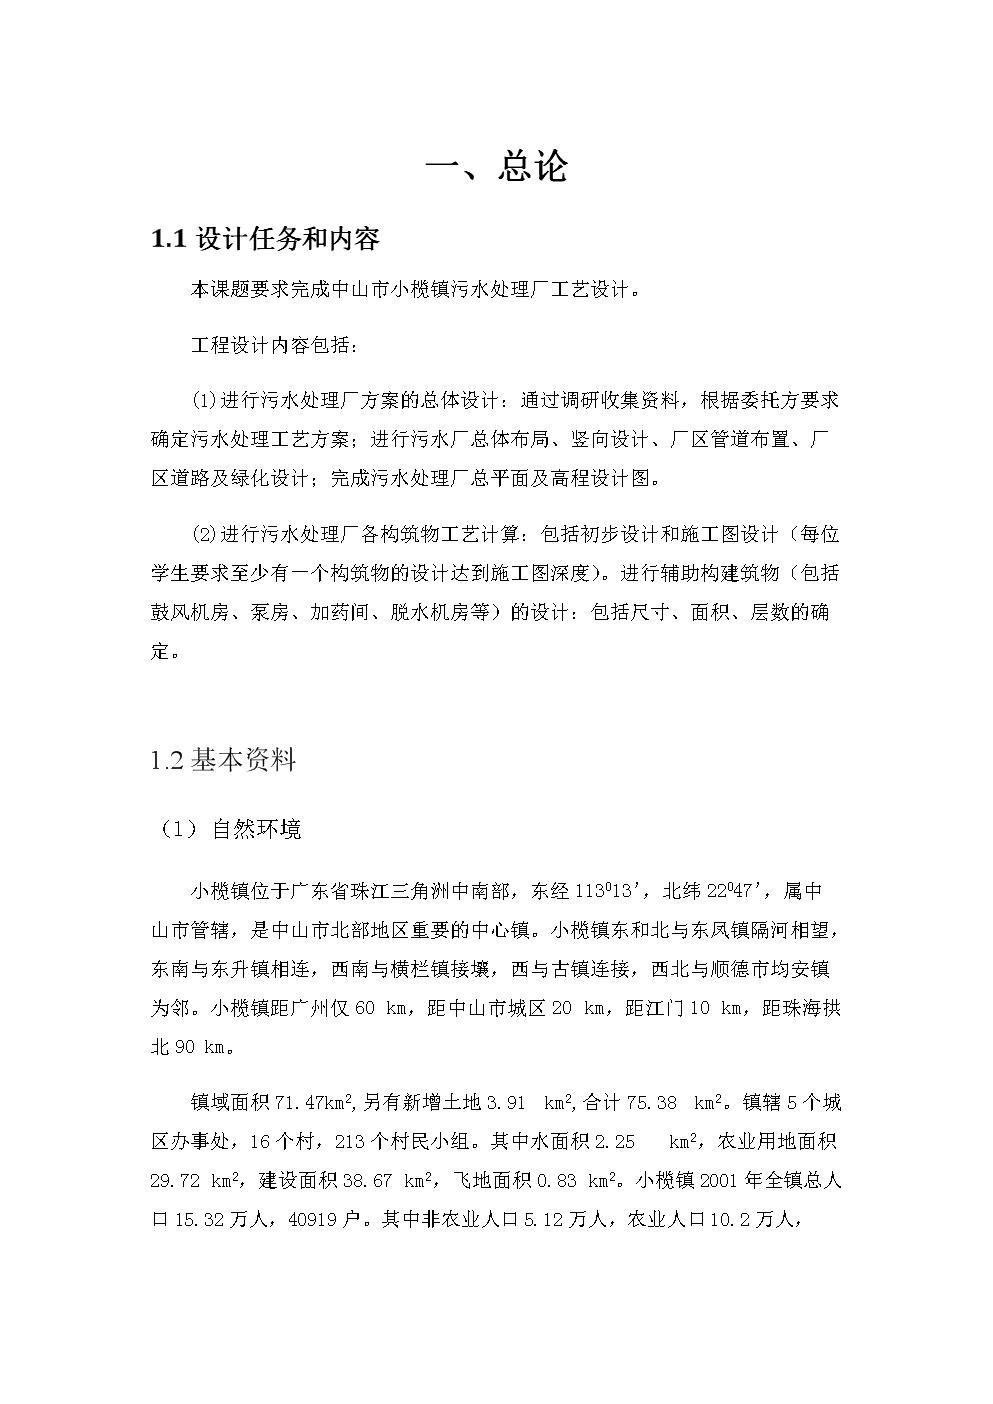 中山市小榄镇污水处理厂工艺设计1.docx